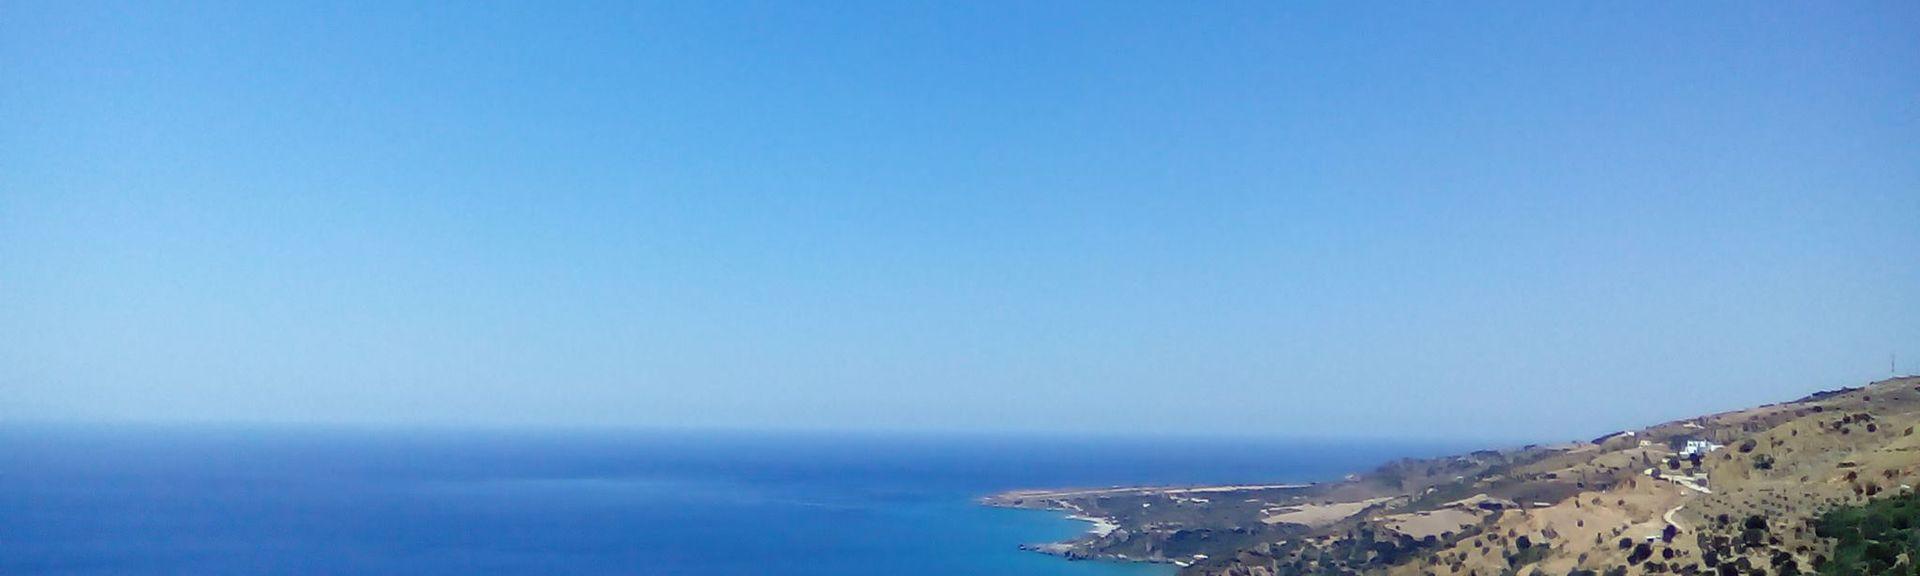 Viánnos, Crète, Grèce